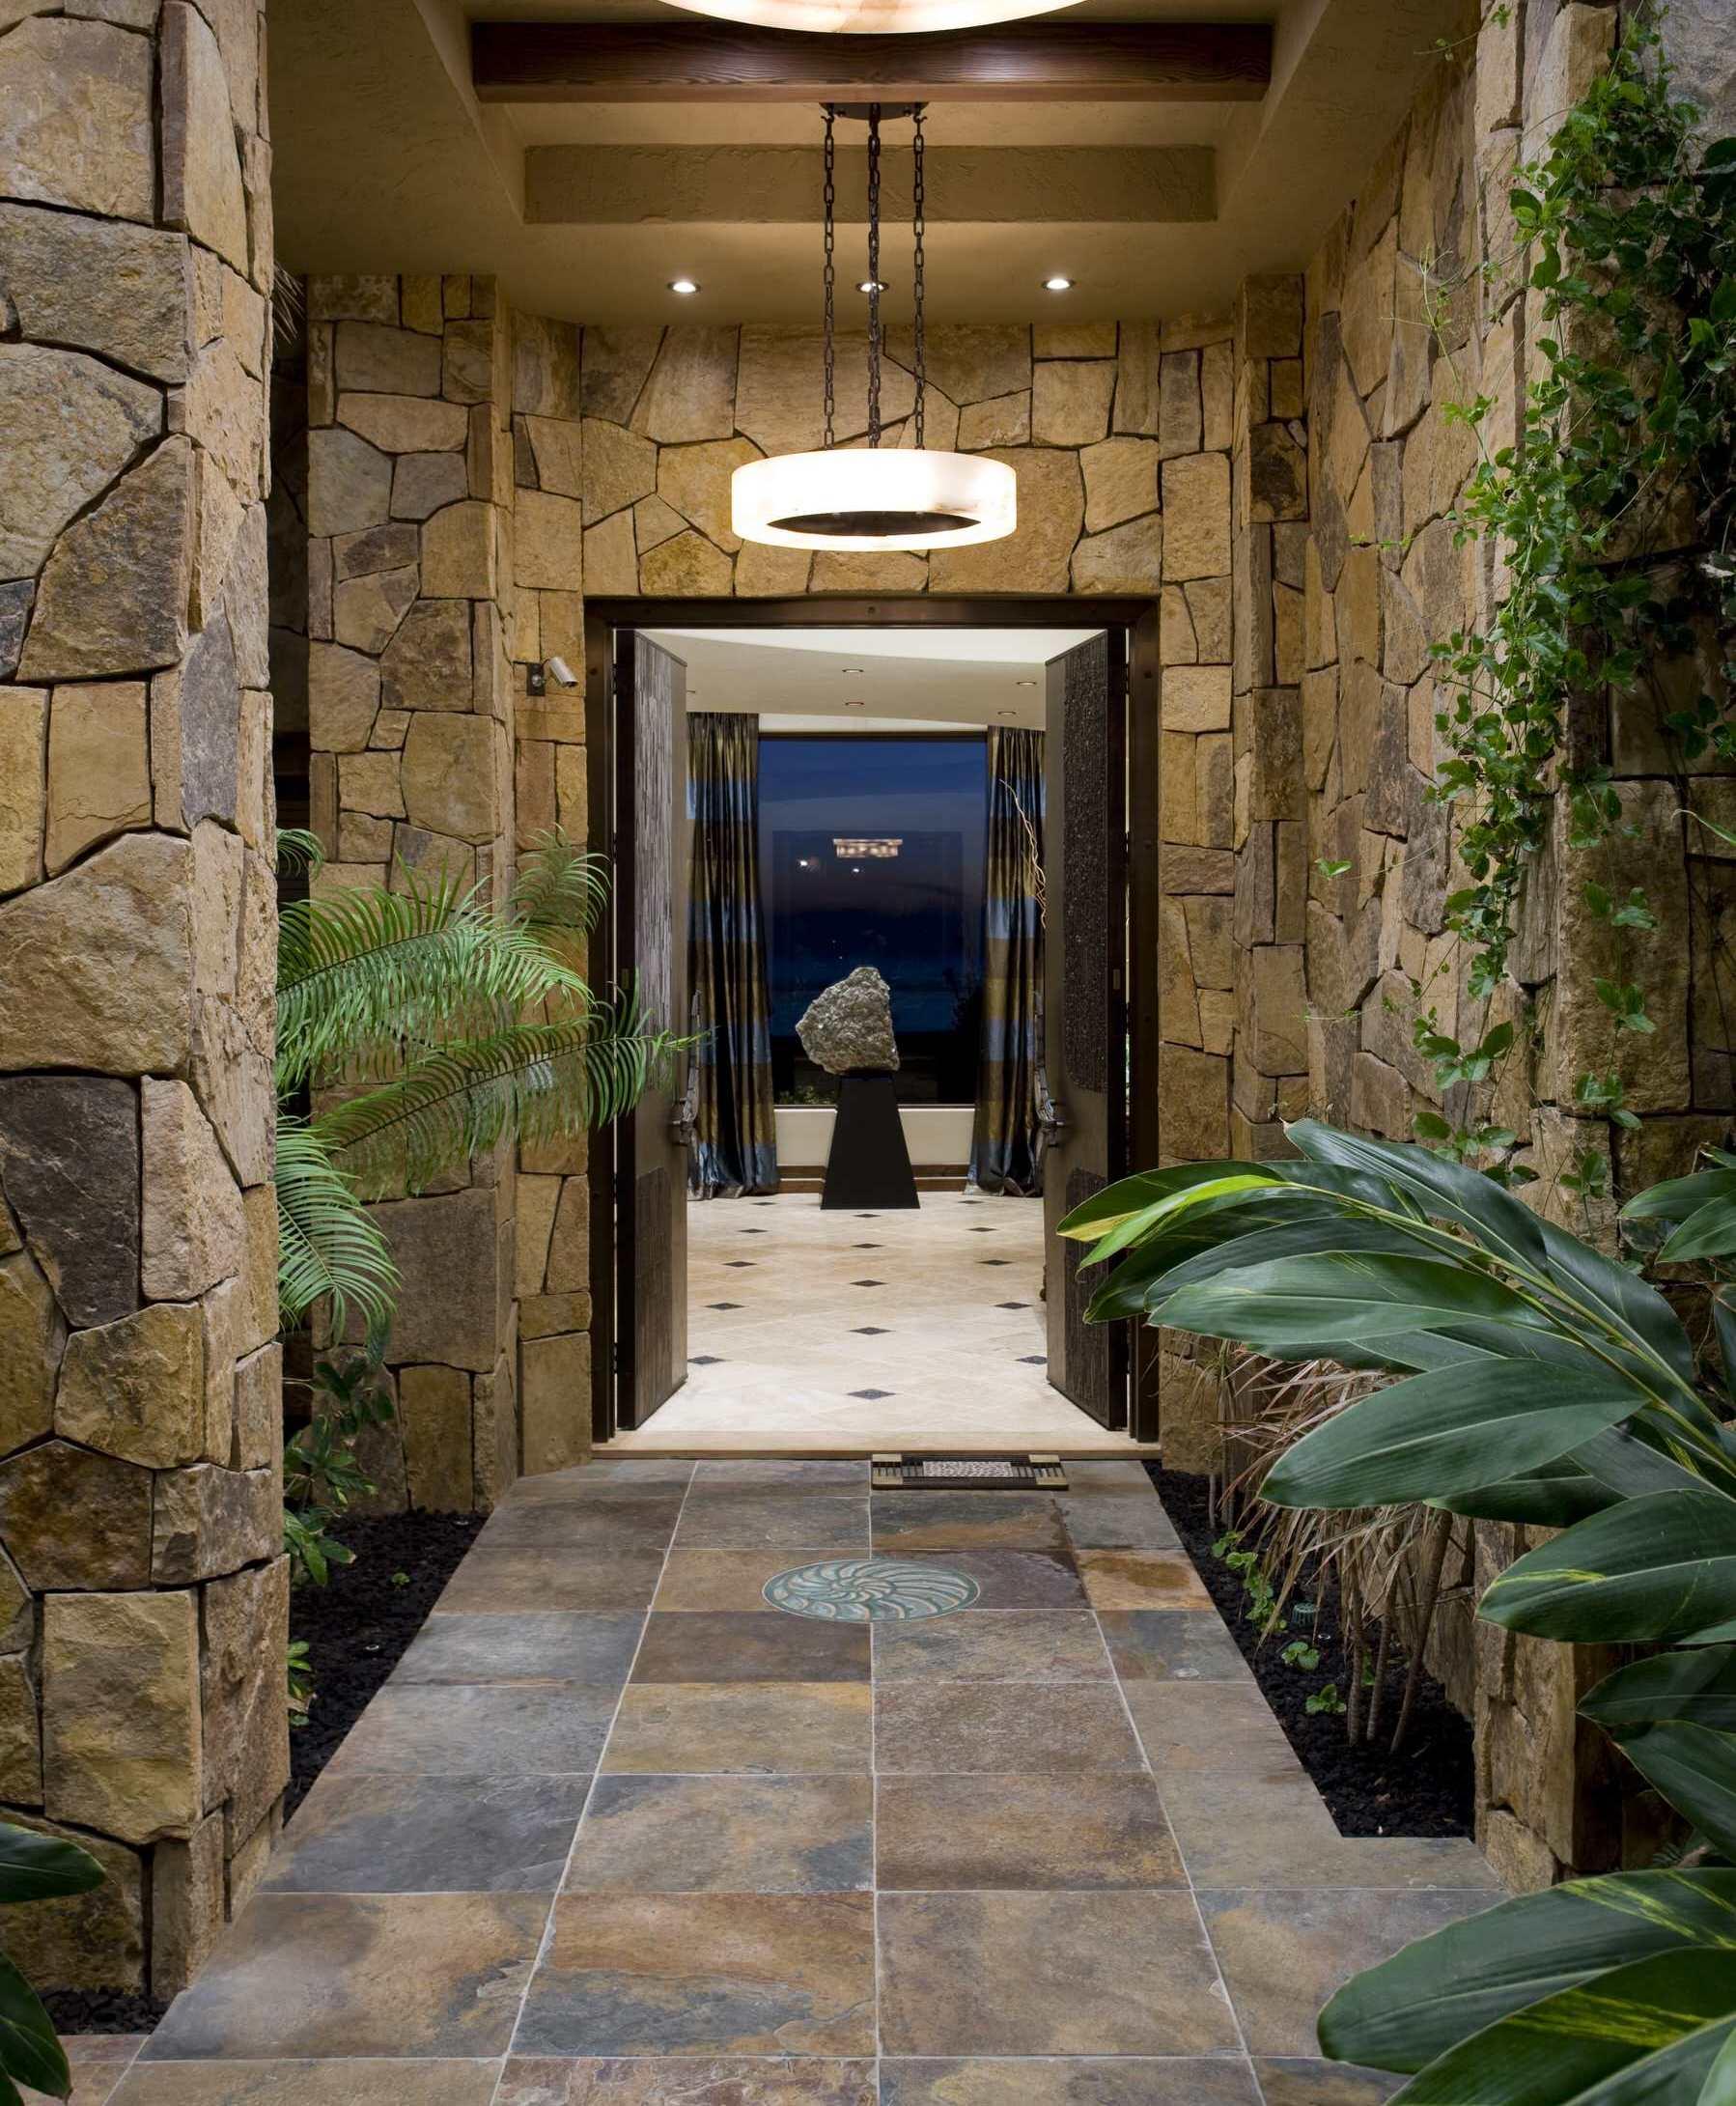 pierre décorative dans le couloir